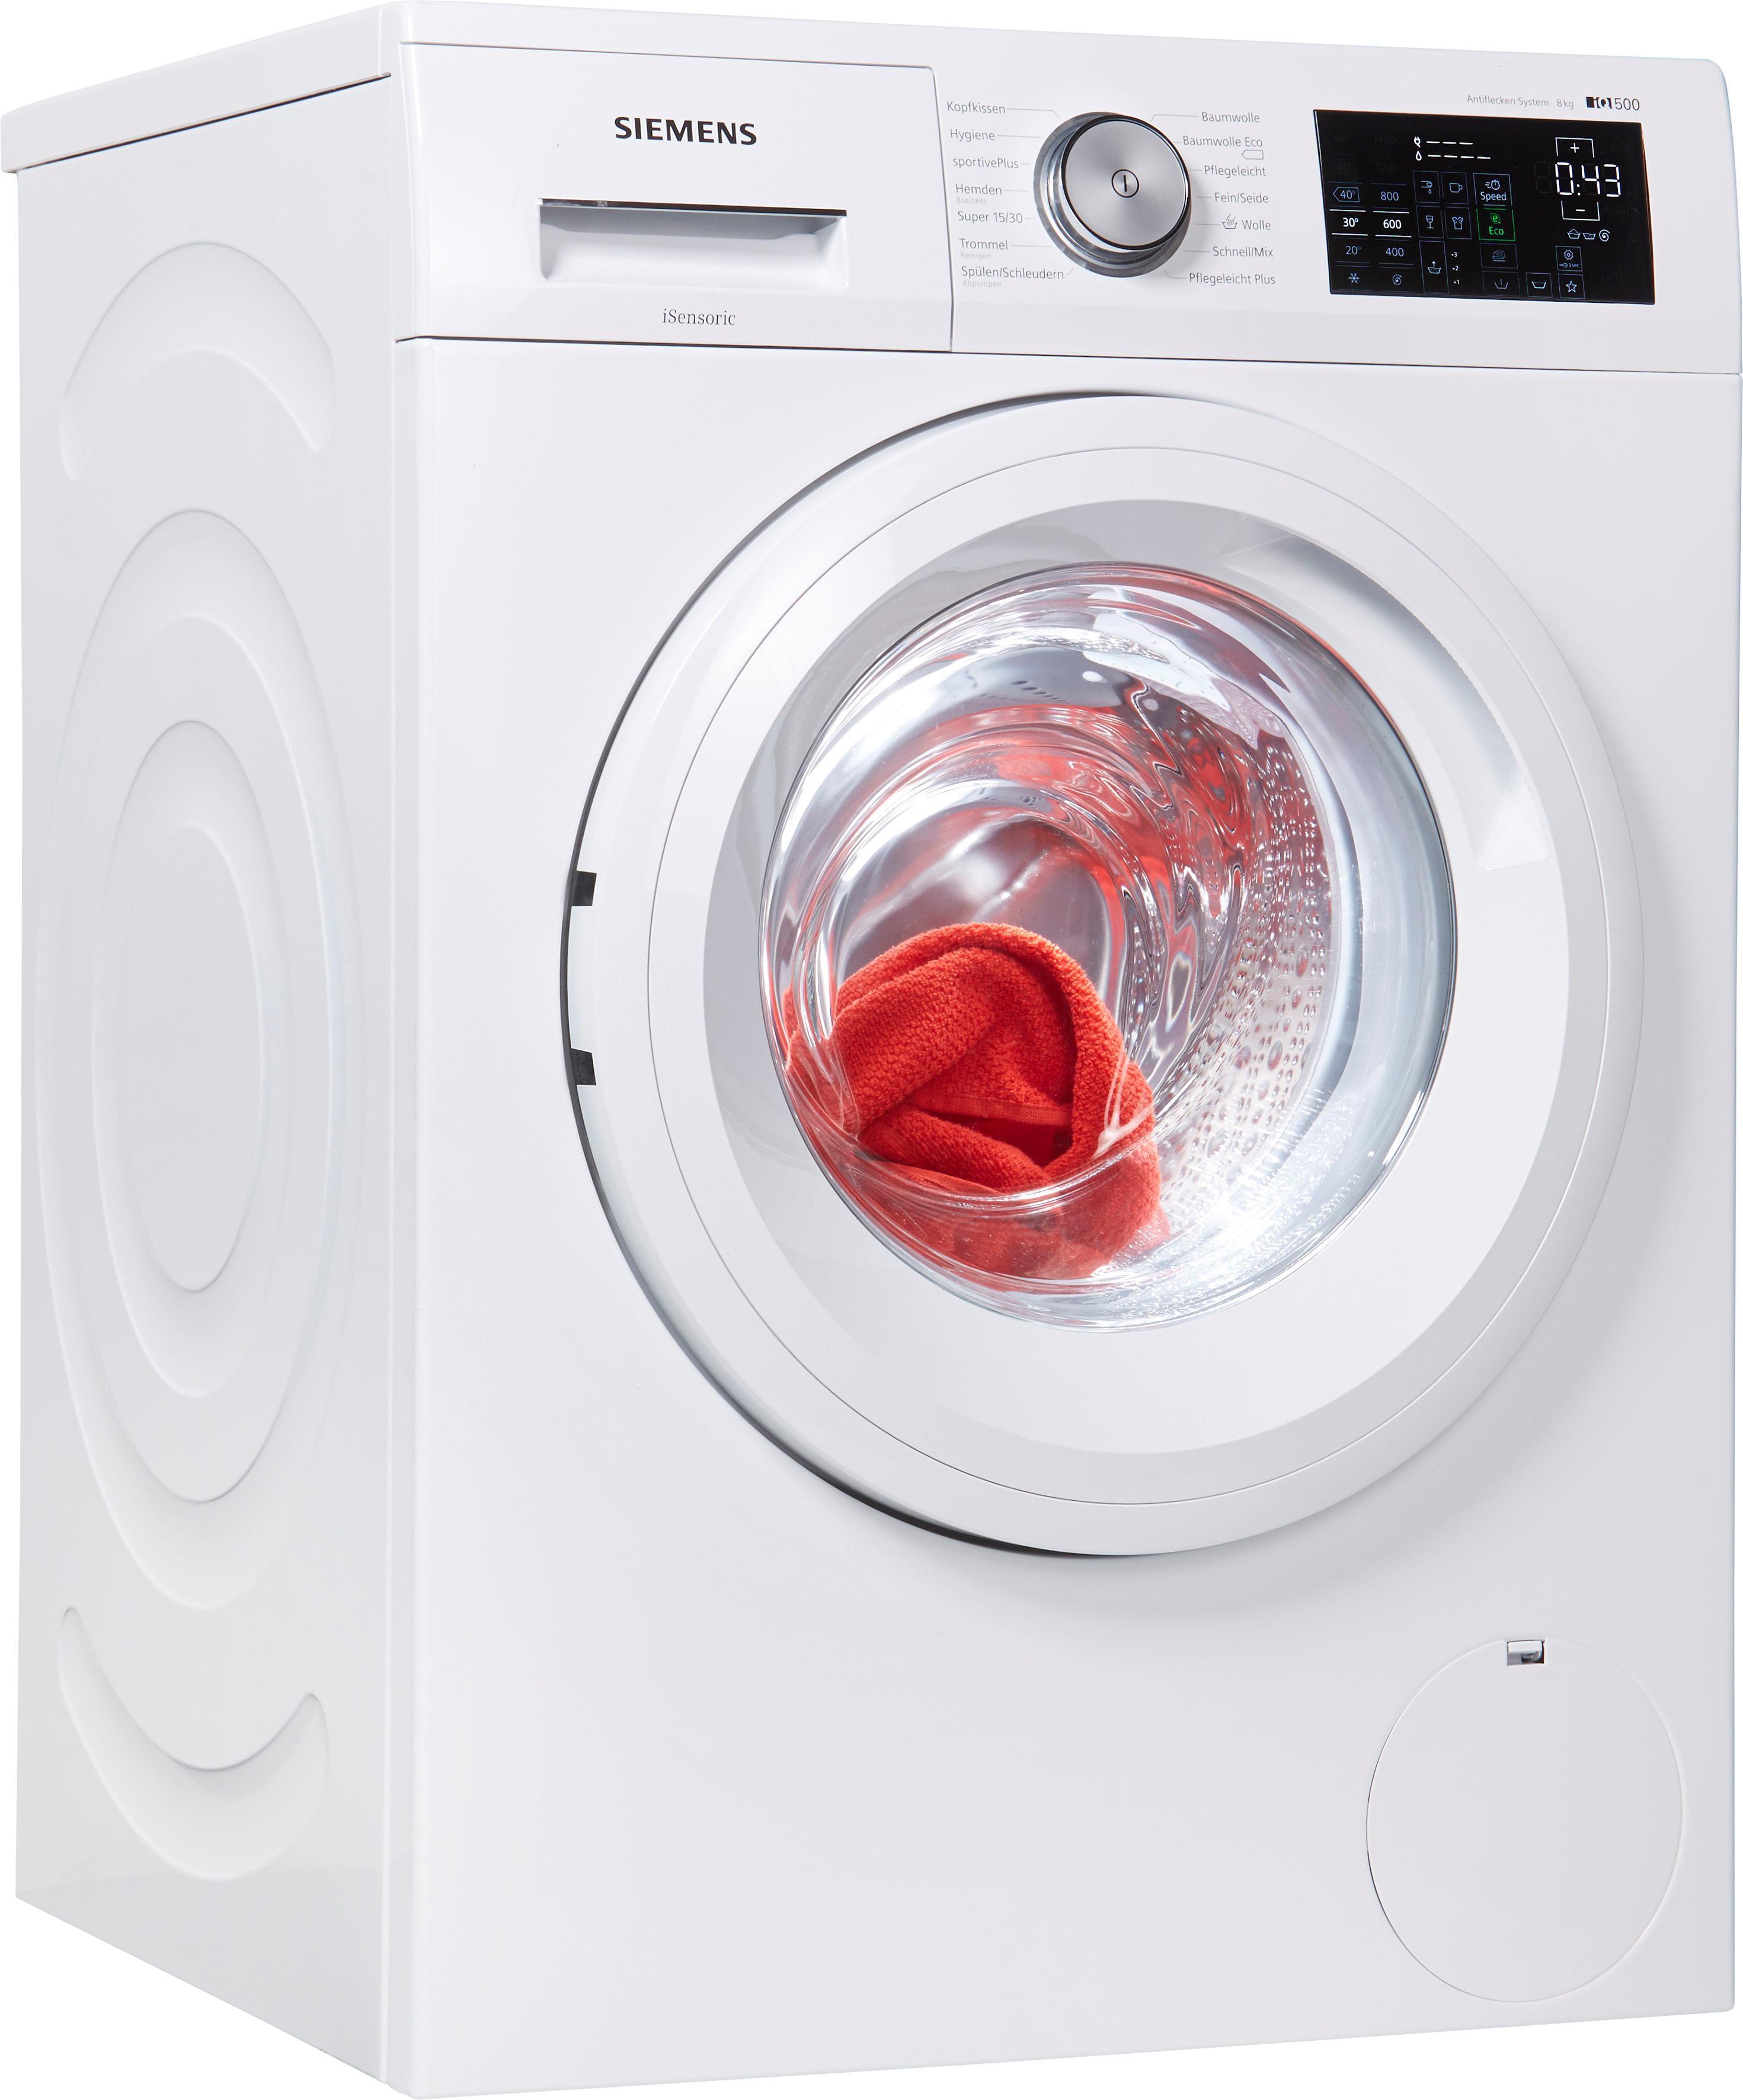 siemens waschmaschine iq500 wm14t5em auf raten kaufen. Black Bedroom Furniture Sets. Home Design Ideas